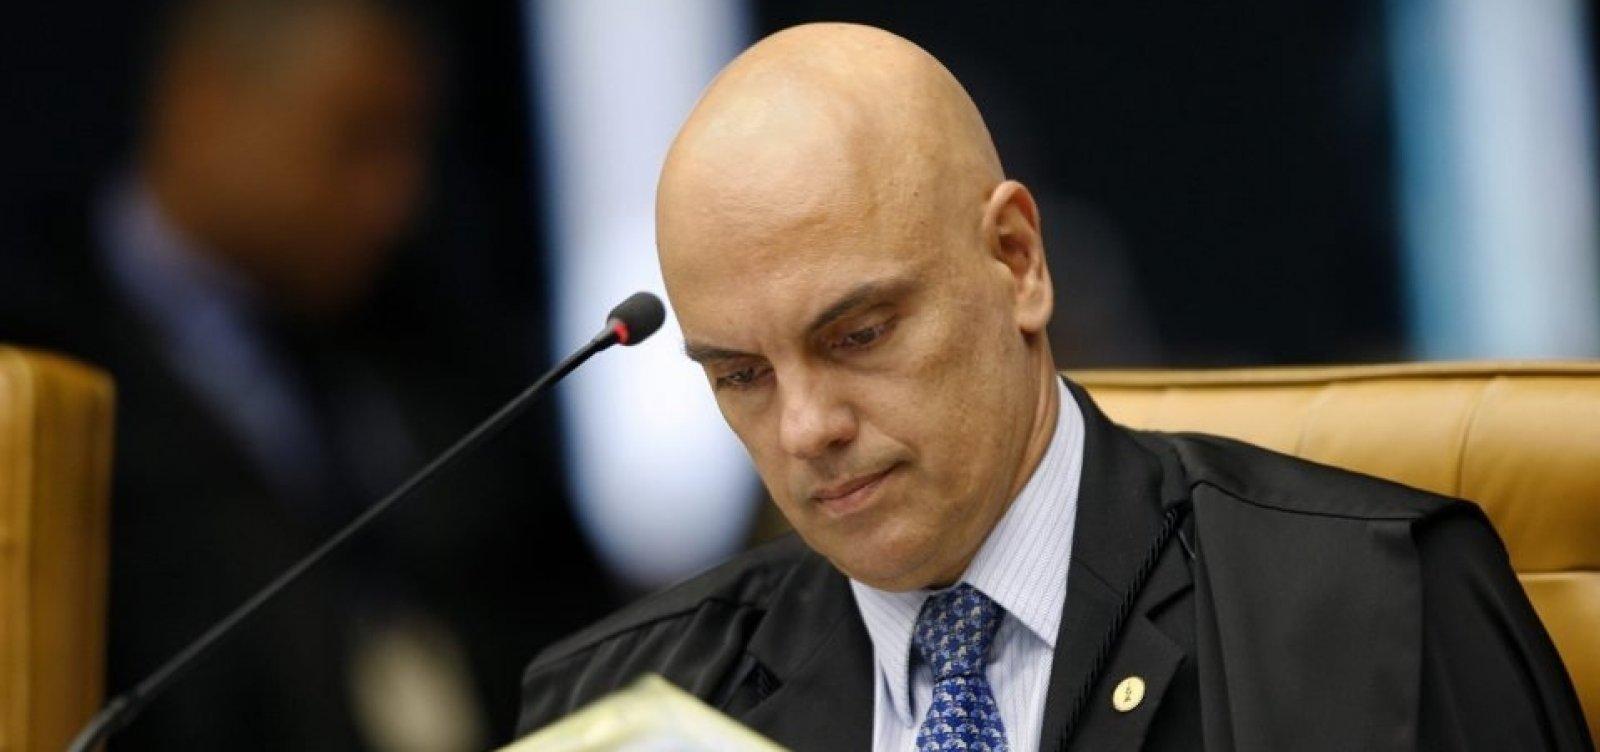 Ministro rebate Raquel Dodge e nega pedido para arquivar inquérito do STF